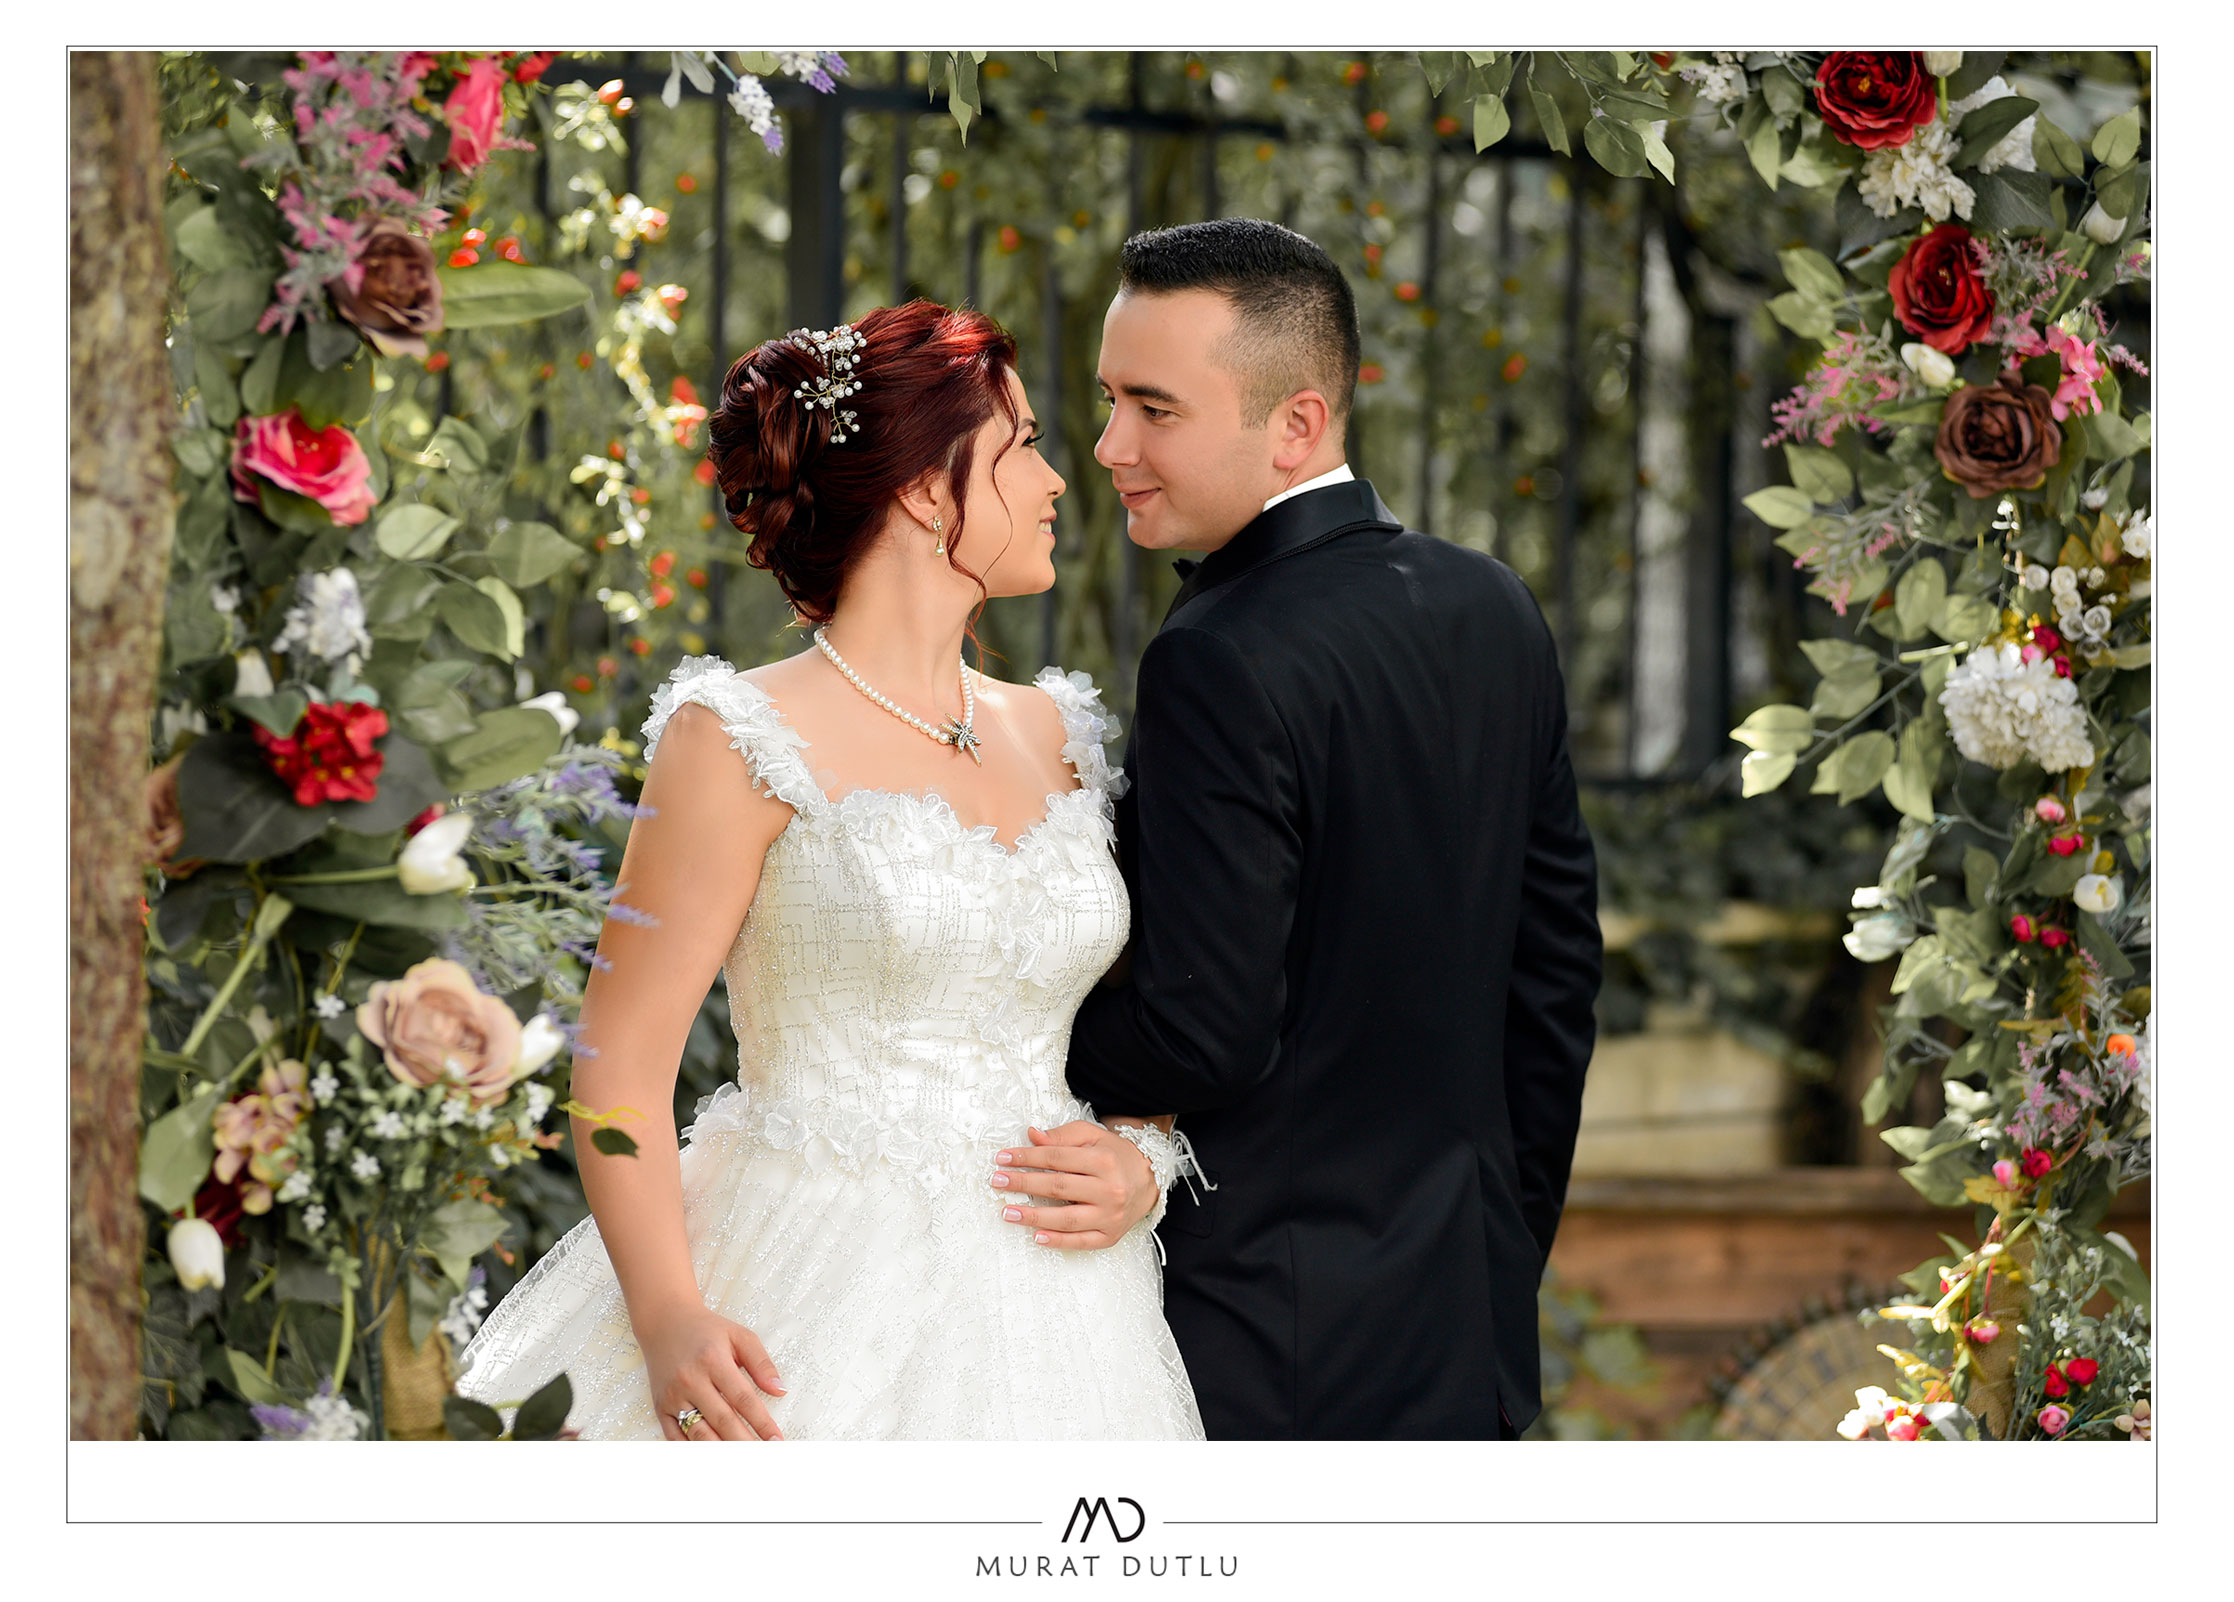 İzmir düğün fotoğrafçısı, düğün fotoğrafçısı Murat Dutlu